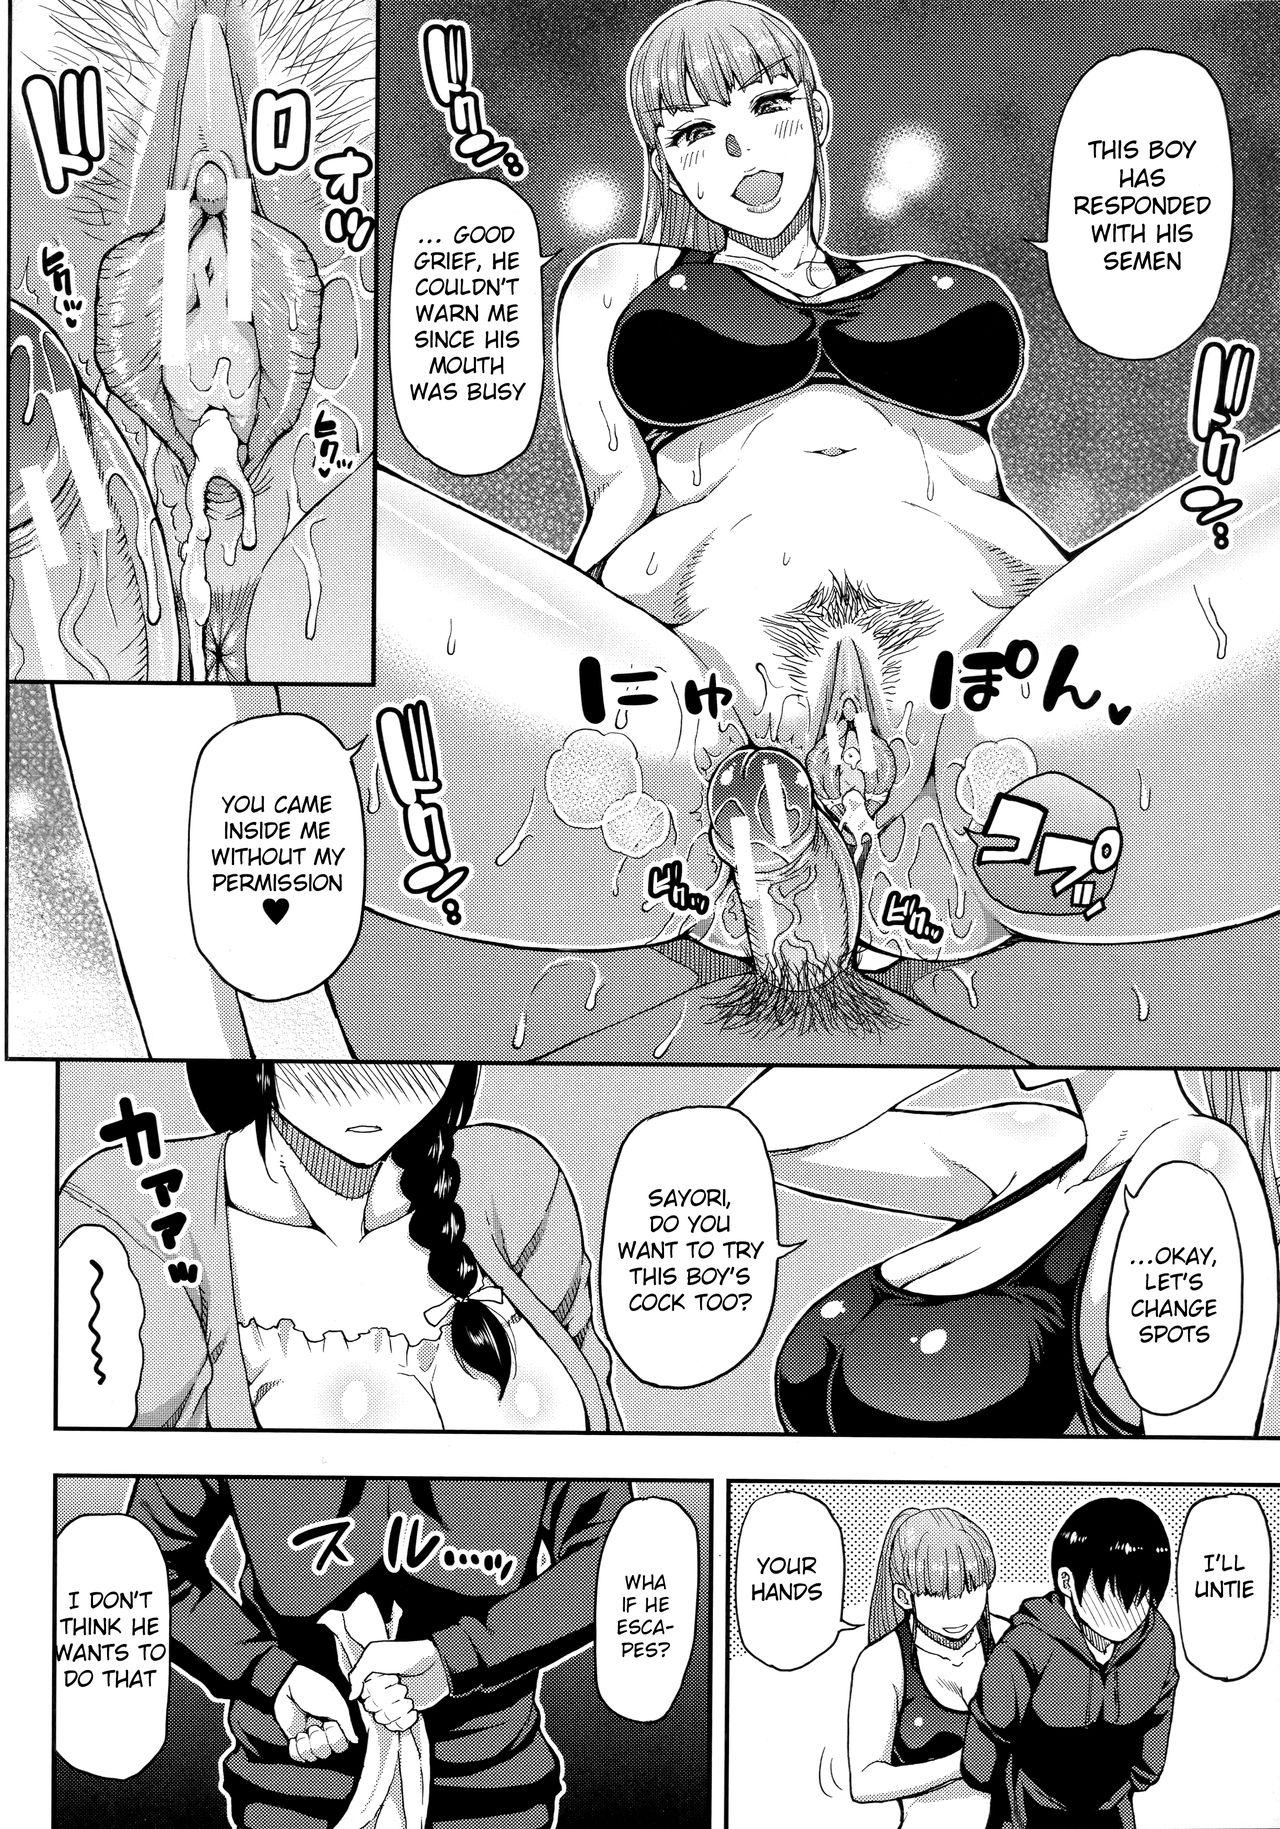 [Shunjou Shuusuke] Onegai, Sukoshi Yasumasete... ~Karada Torokeru Sex no Ato ni~ Ch. 2, 4 [English] [Raknnkarscans] 26